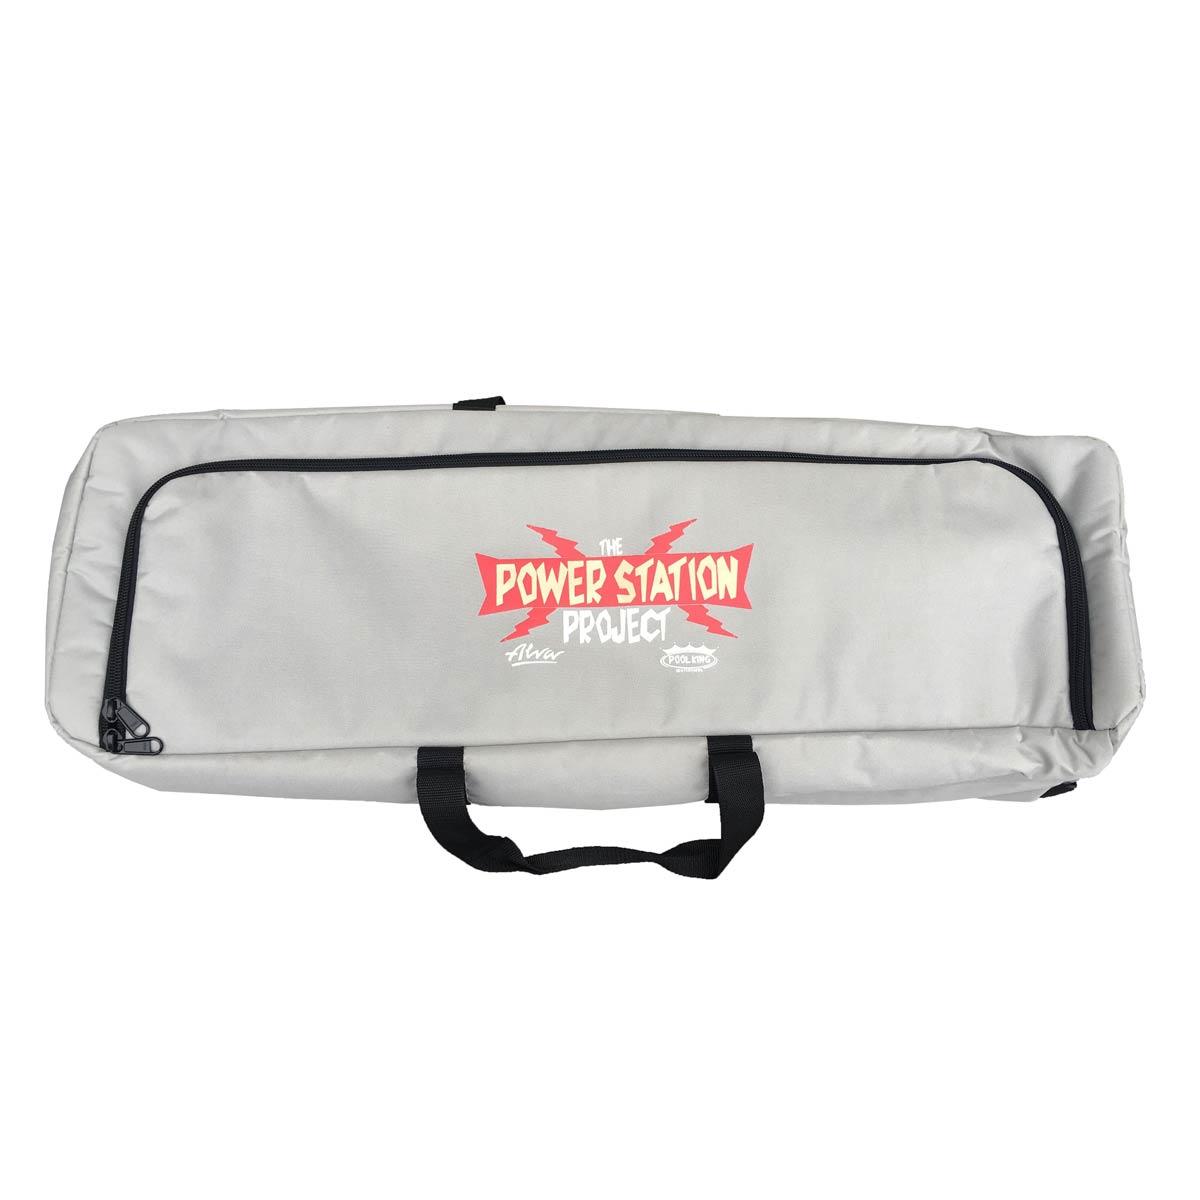 Buy Alva Skateboards Travel Bag Canada Online Sales Vancouver Pickup